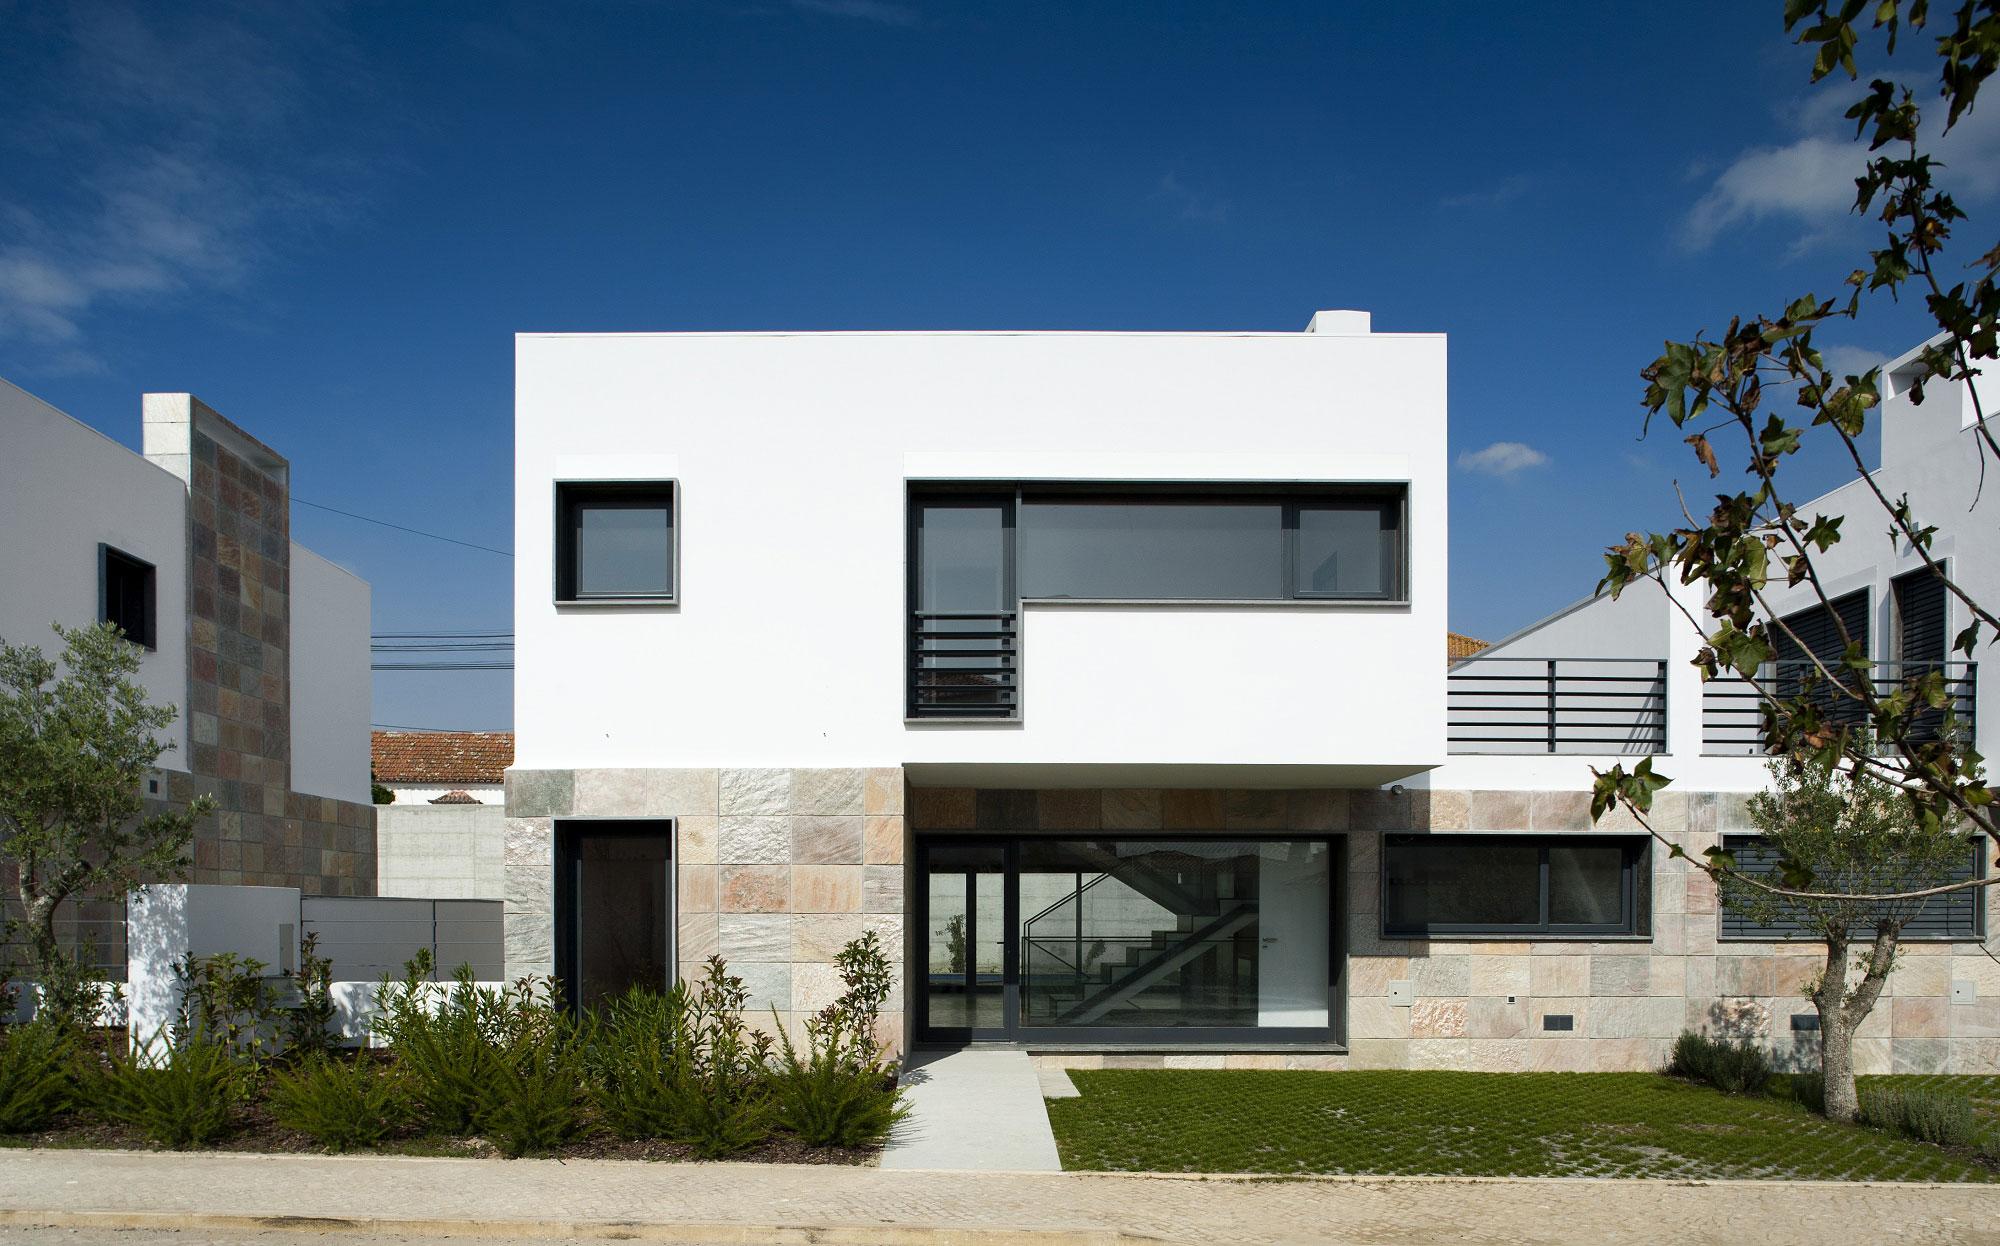 Moradia Estoril Arquitectura, Arquitecto Lisboa, Projecto arquitectura Lisboa, Arquitecto Lisboa, Arquitecto, Gabinete de Arquitetura Lisboa